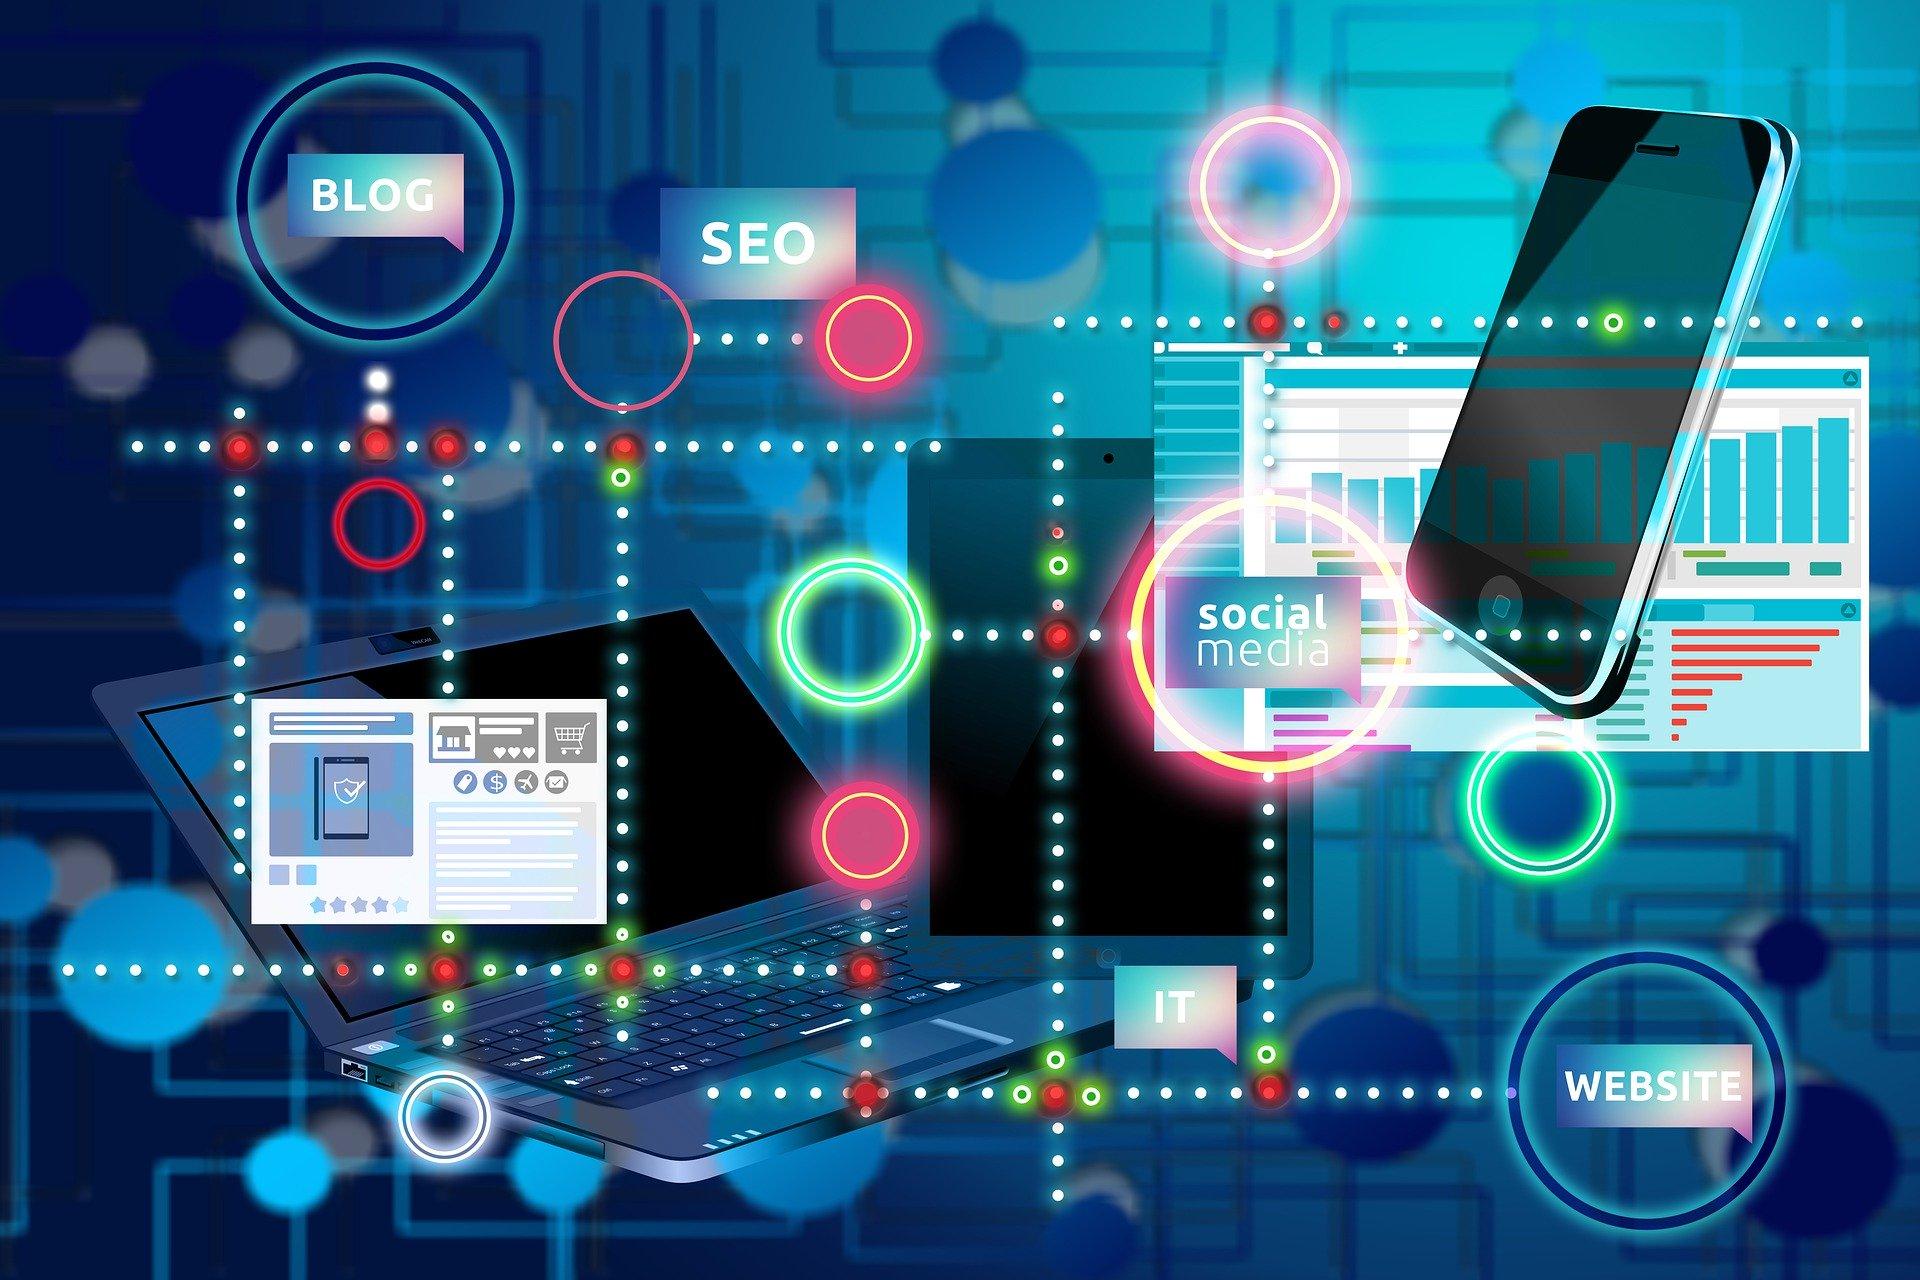 Representación de Internet a través de un smartphone, URL y un blog